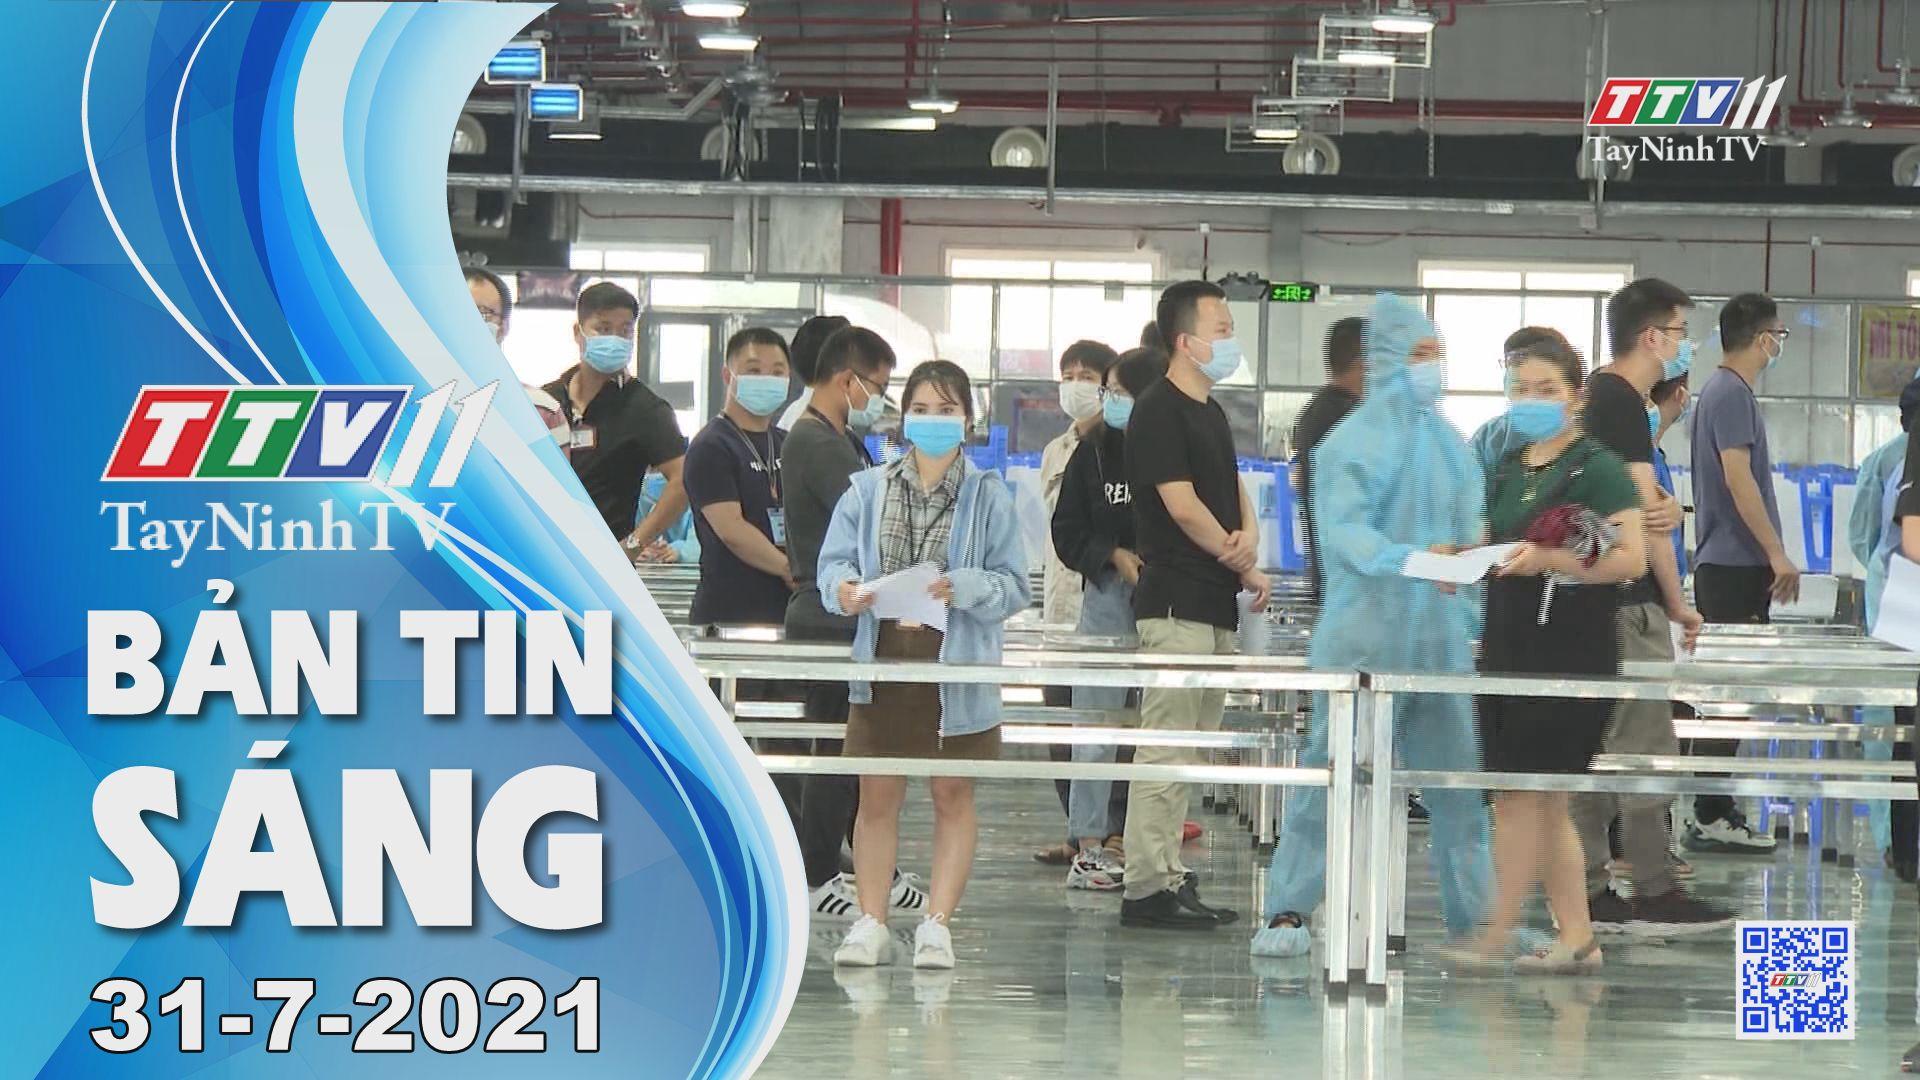 Bản tin sáng 31-7-2021 | Tin tức hôm nay | TayNinhTV